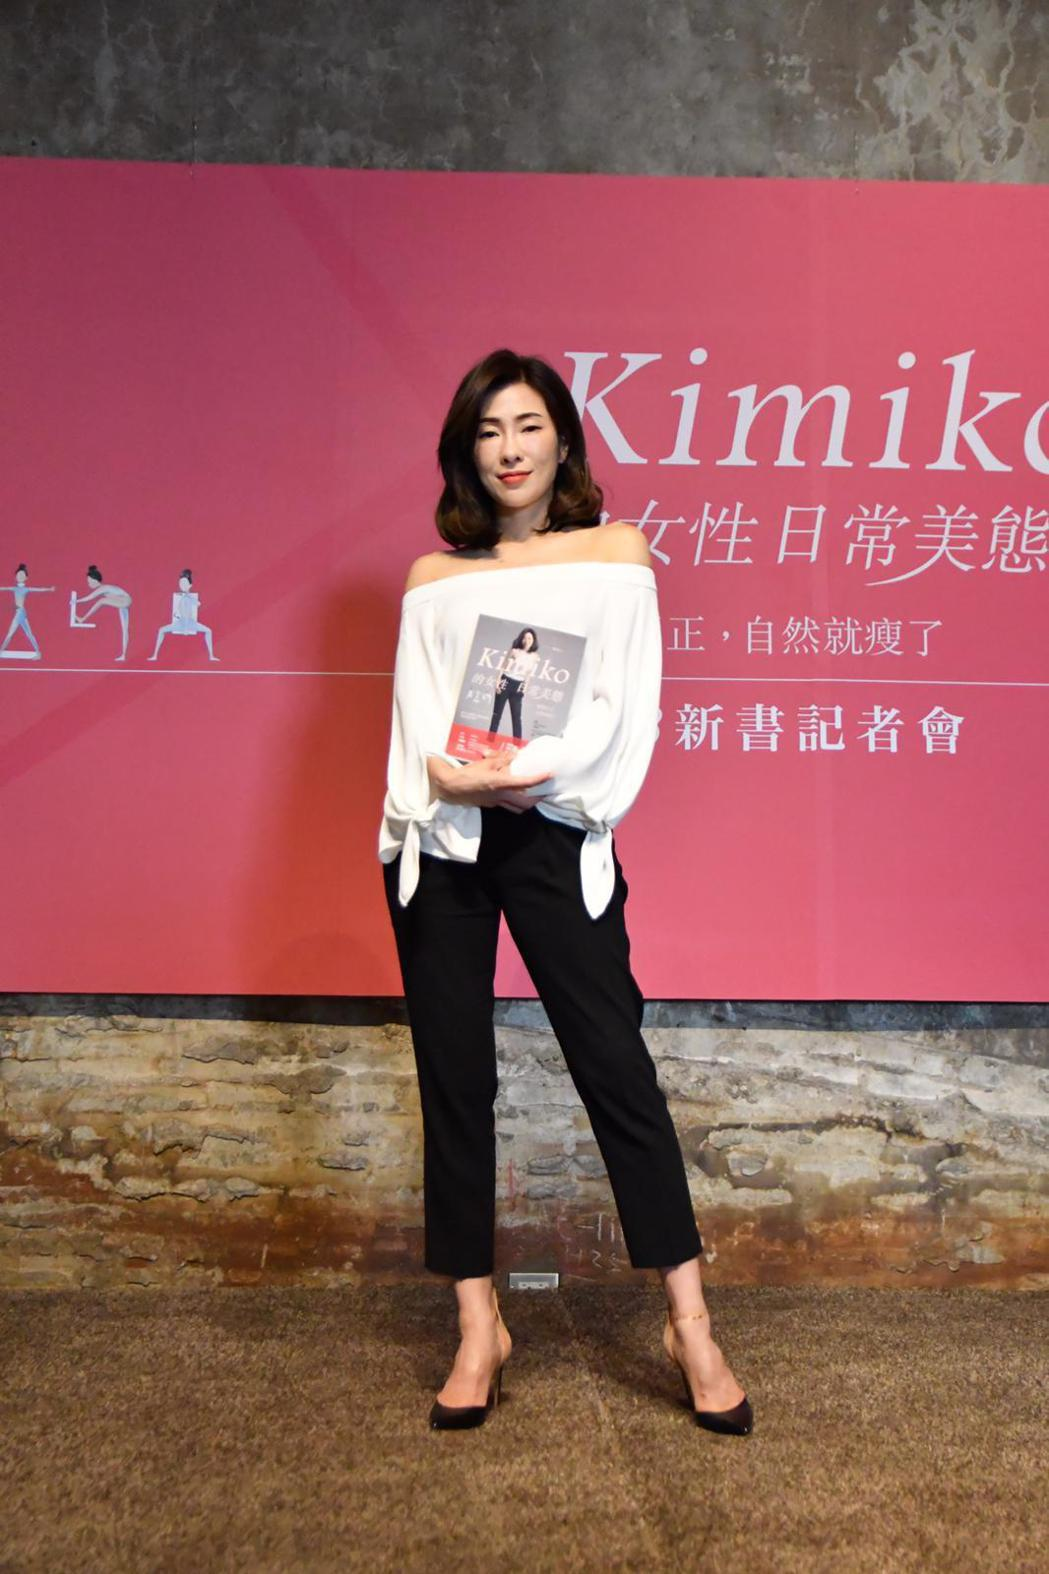 Kimiko將美姿知識集結成書。圖/天下出版提供